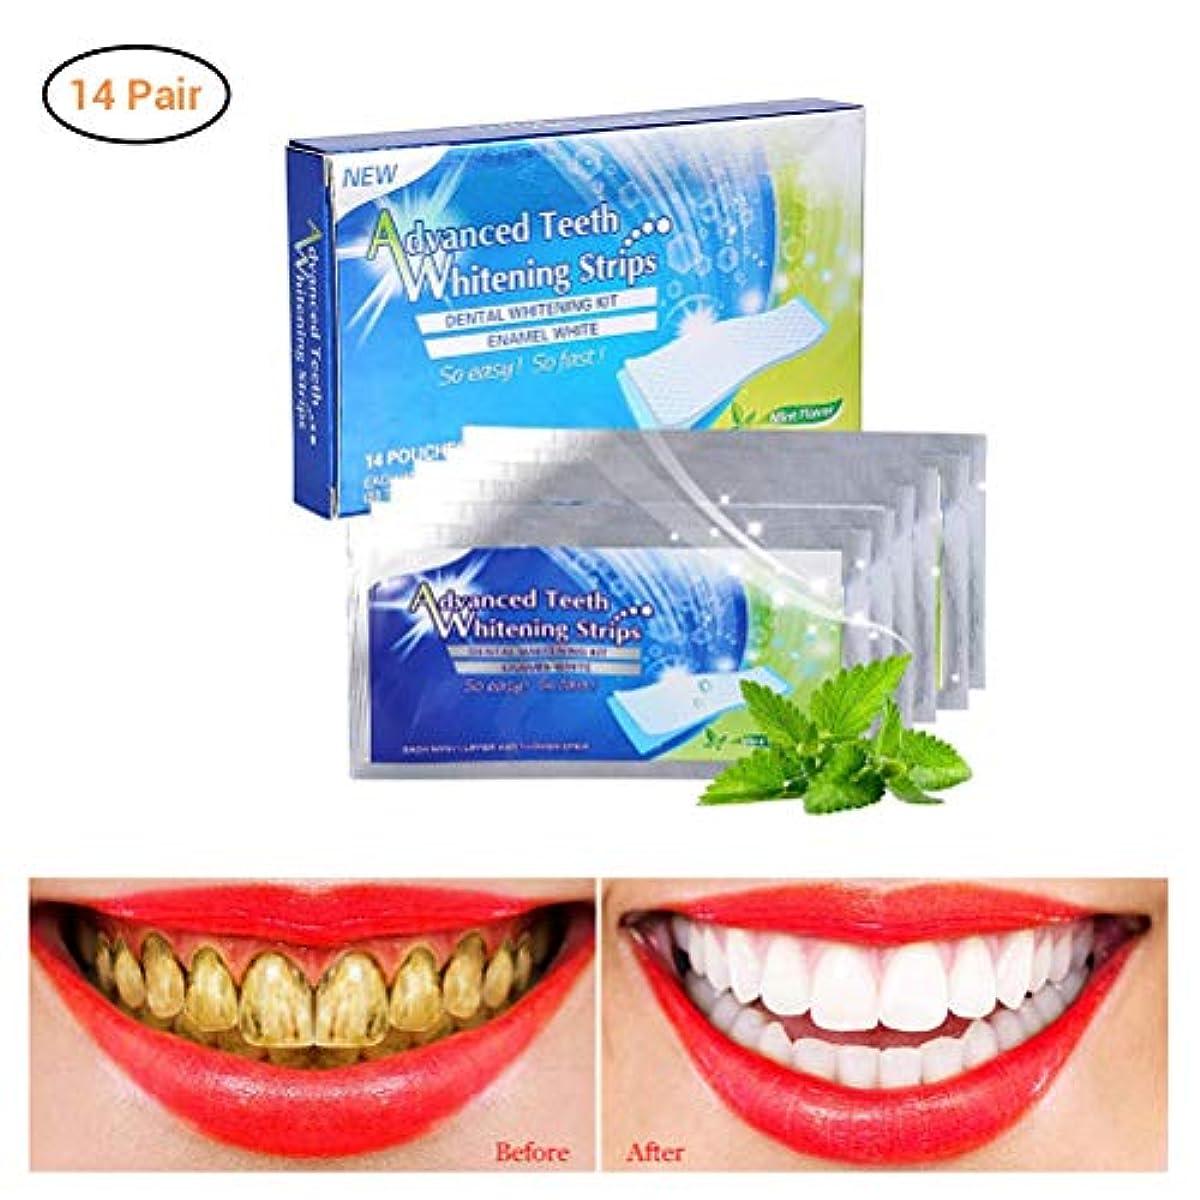 変わるリース革新BSMEAN 歯のホワイトニングストリップ、14個の漂白ストリッププロフェッショナル3Dプロフェッショナルノンスリップ歯のホワイトニングキット感度ゼロの歯のホワイトニングキット